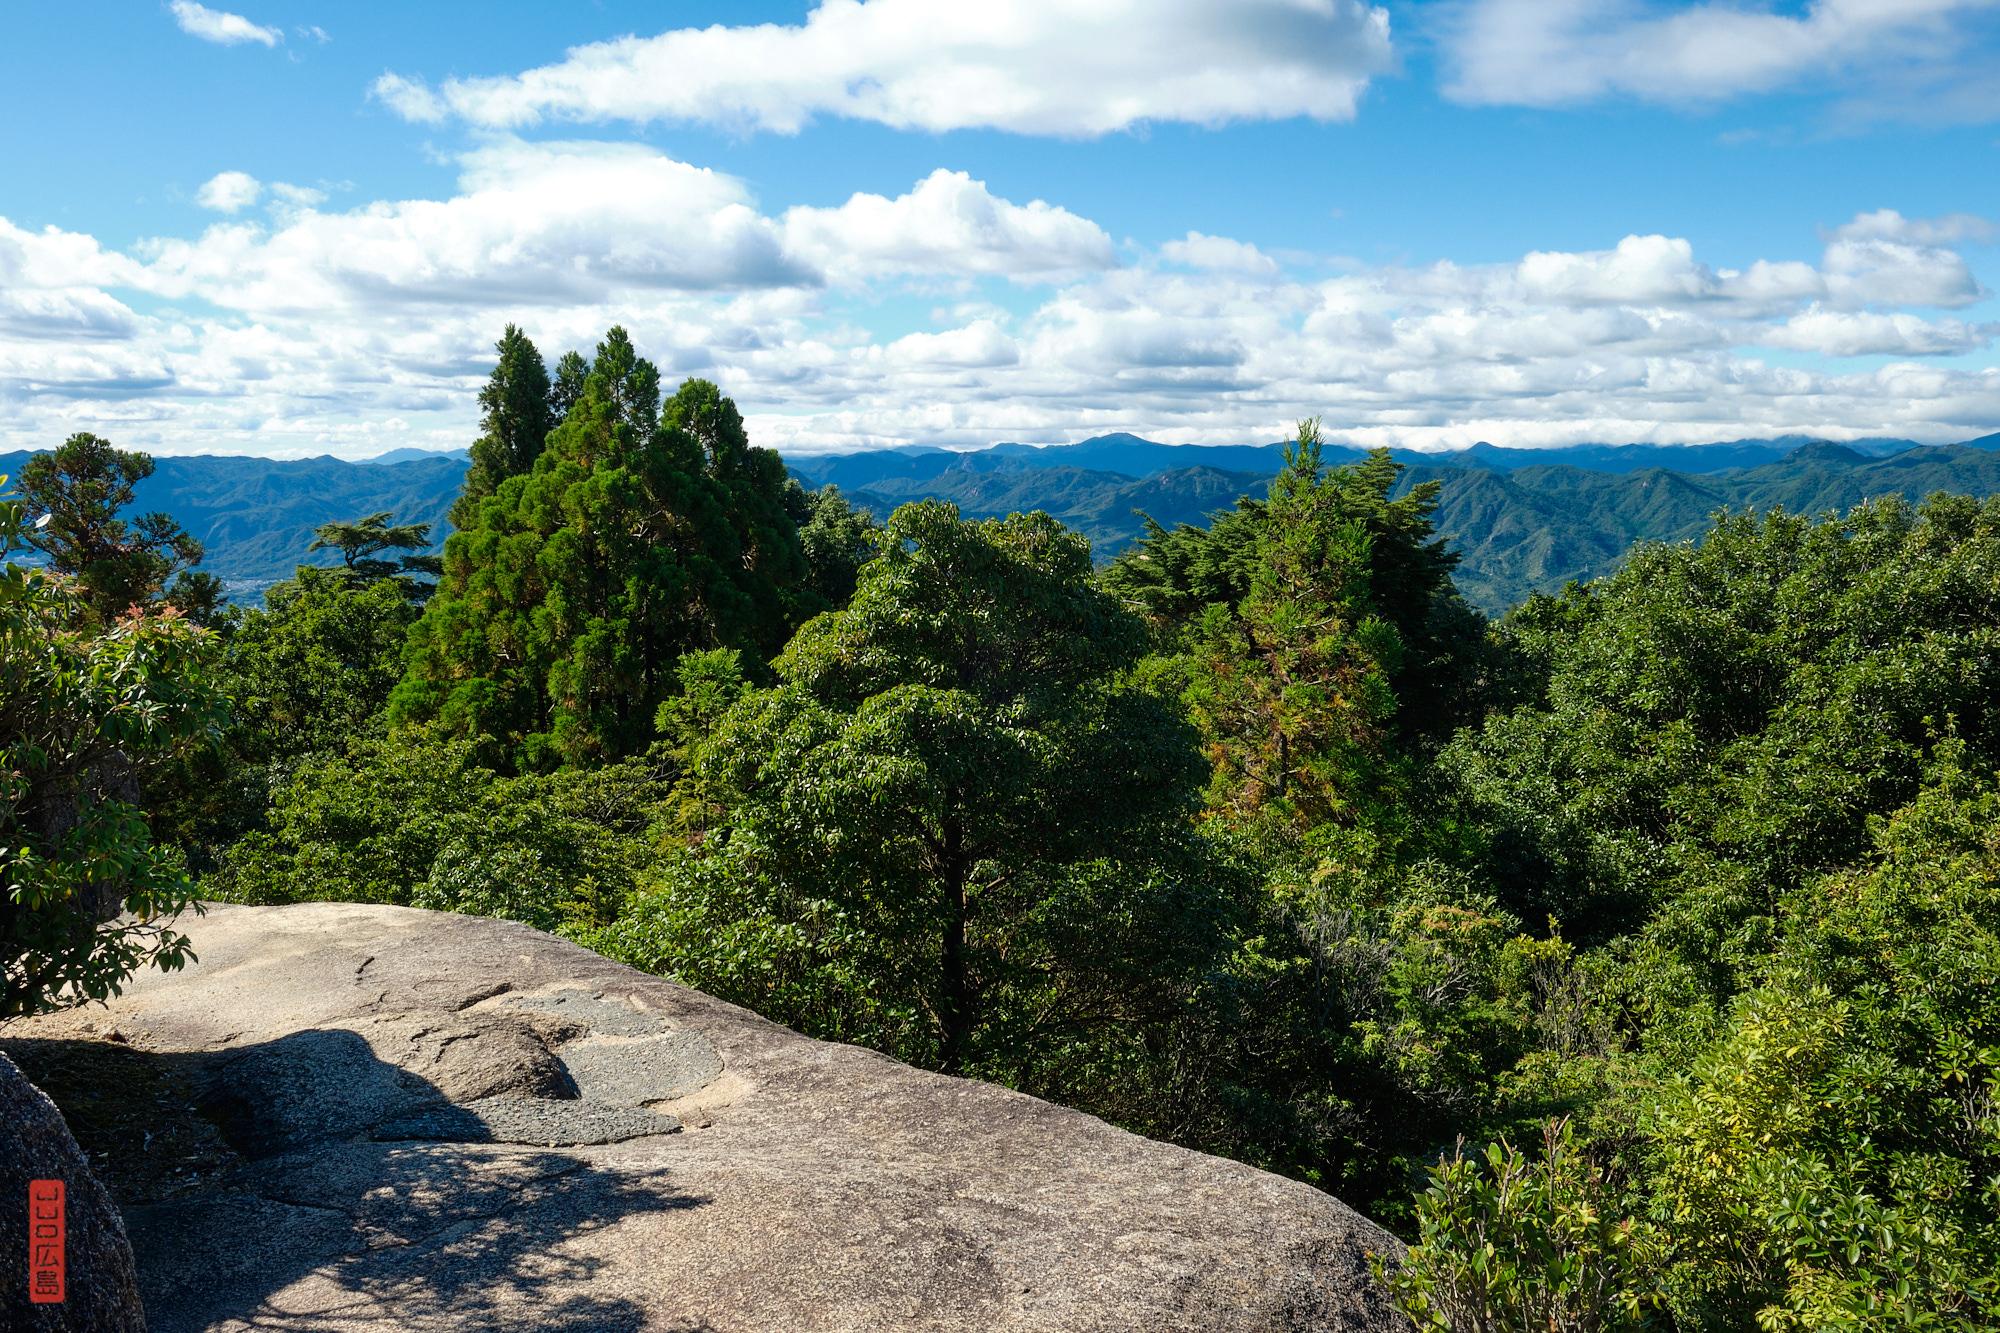 Vue sur les Monts Chugoku depuis le sommet du Mont Misen